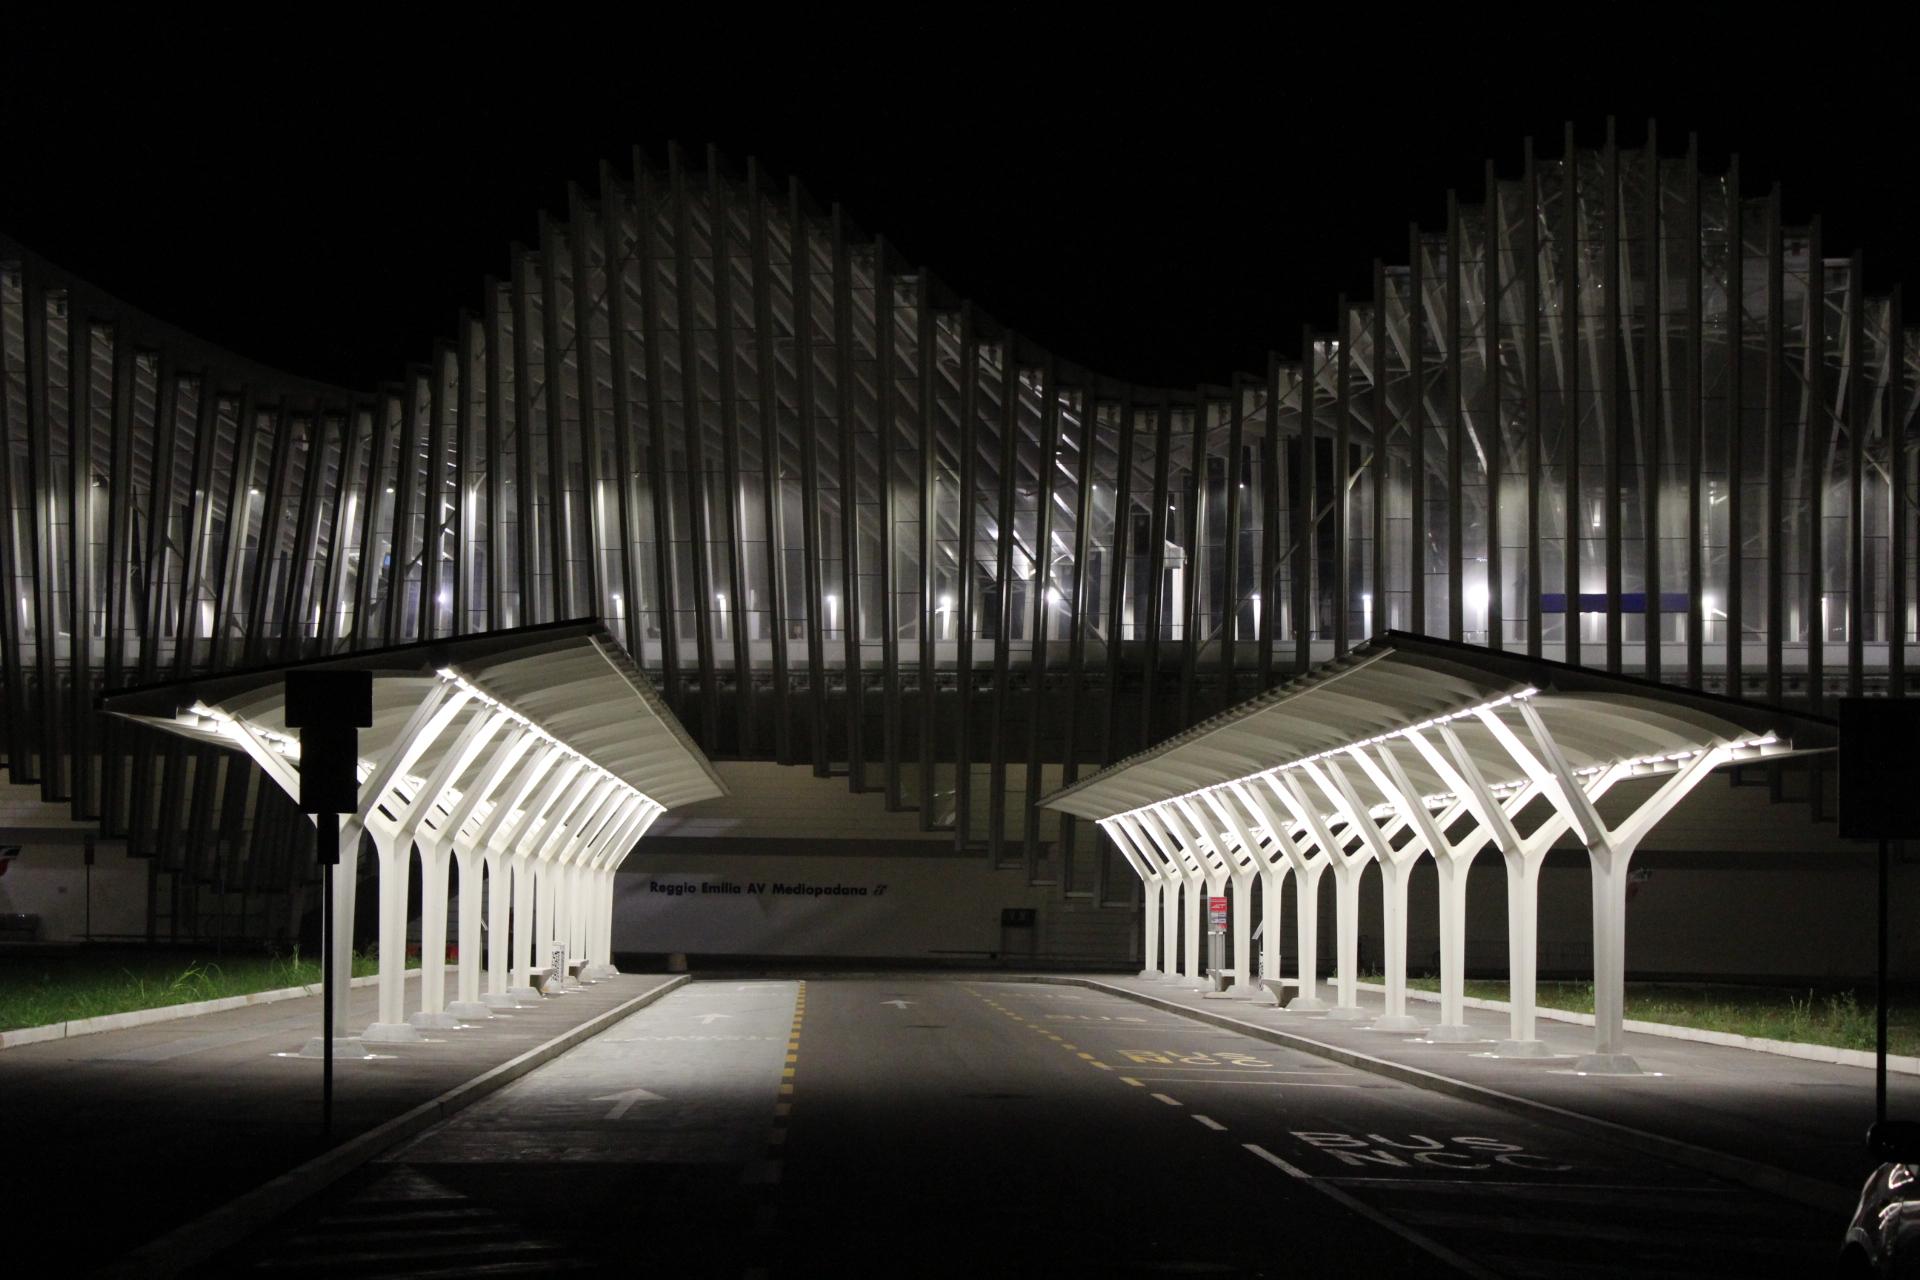 Luce-Calatrava-Reggio-Emilia